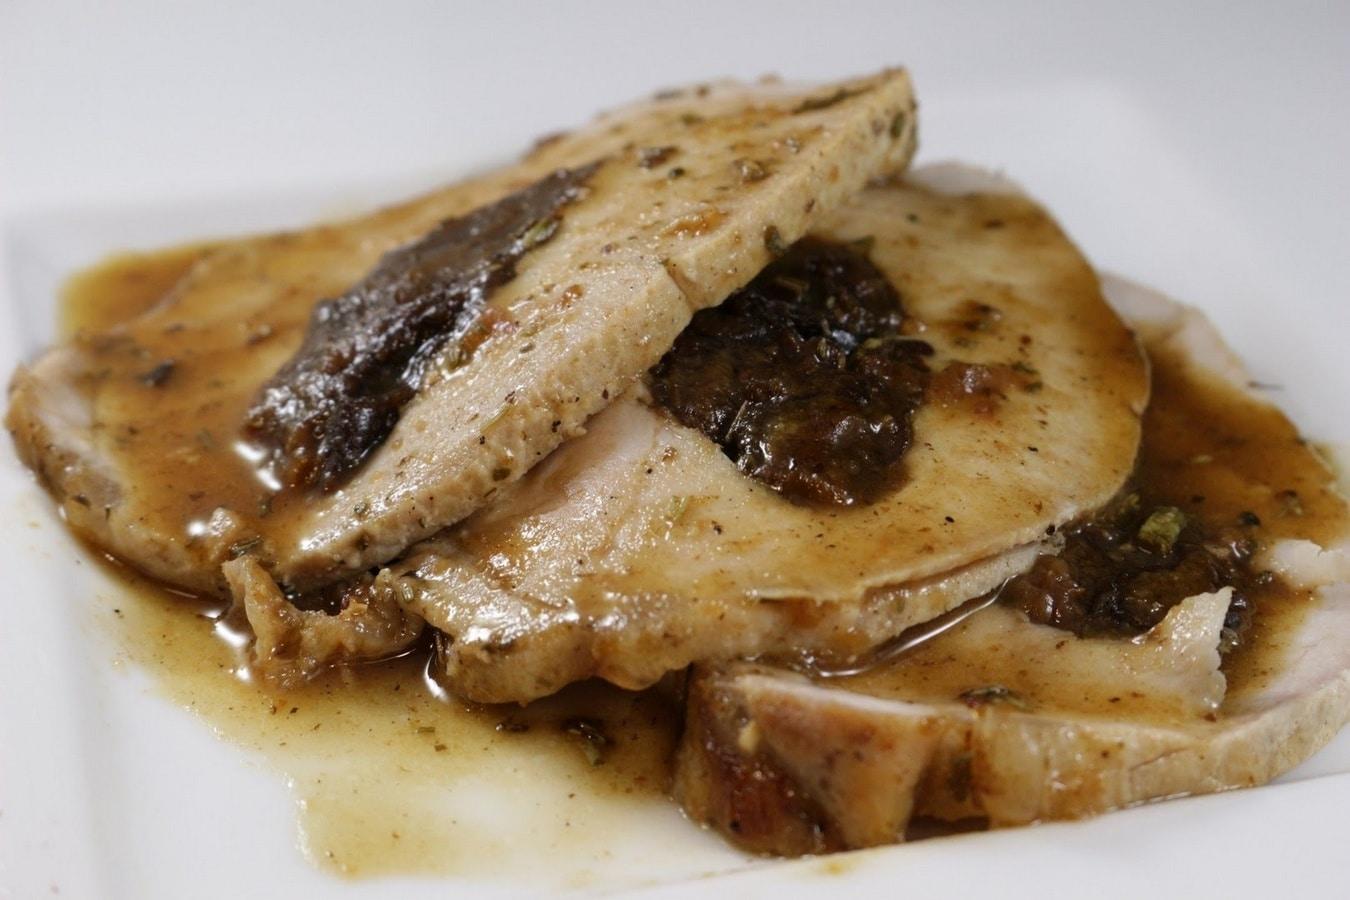 corso di cucina a torino scuola di cucina ricette con la carne di maiale corso di secondi piatti la palestra del cibo corsi di cucina individuali